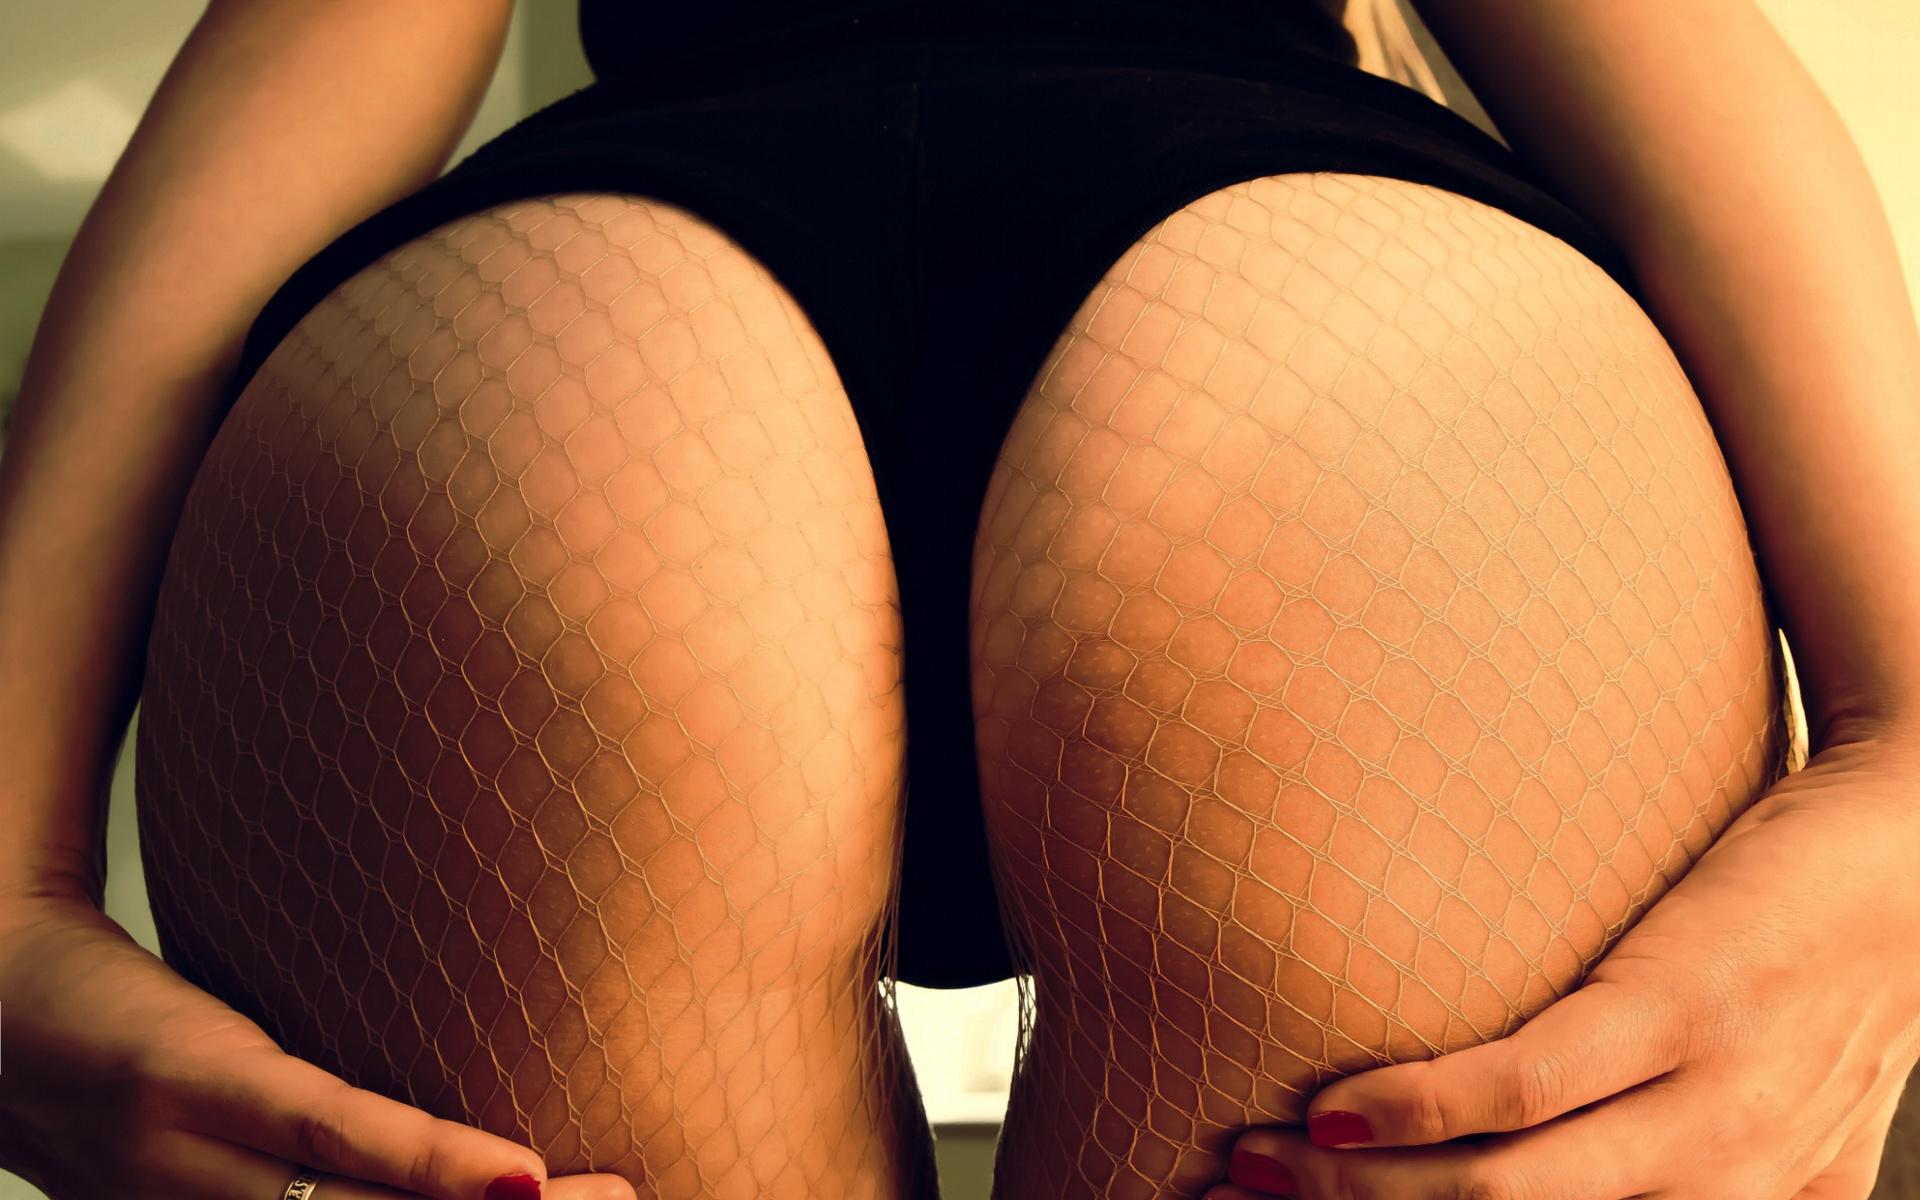 Фотки попки крупно, Голые попки девушек крупным планом (40 фото) 1 фотография